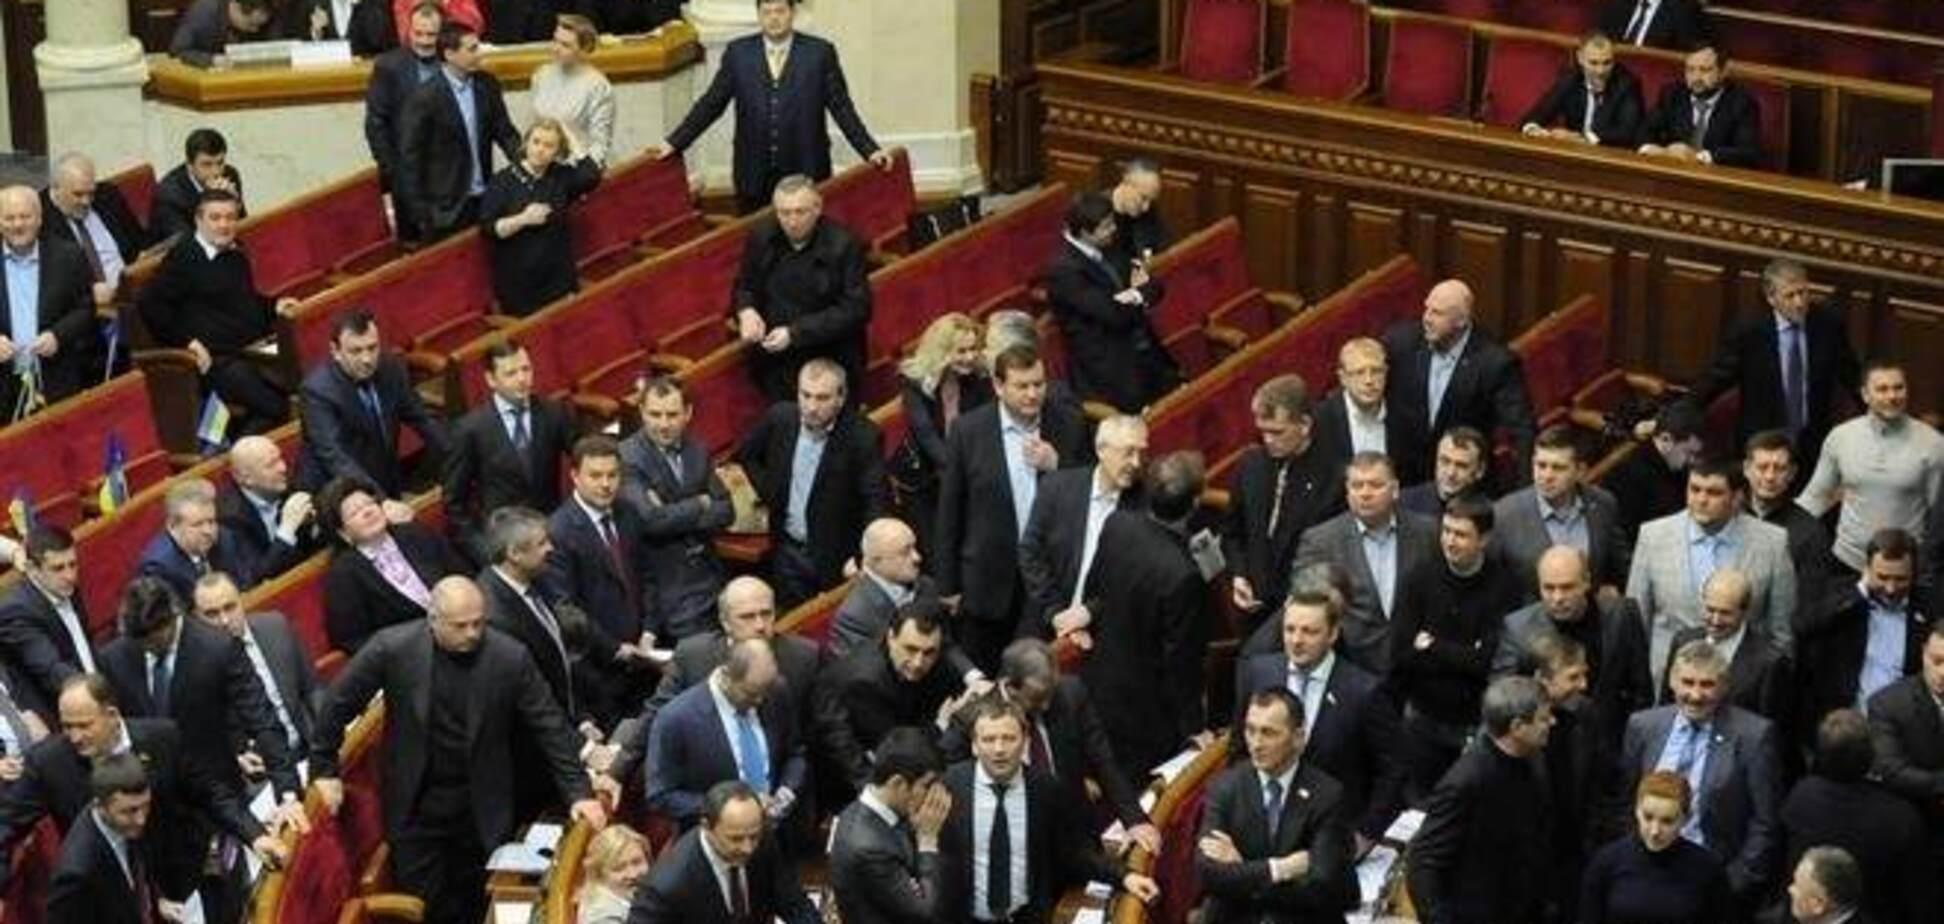 Нардеп про голосування по бюджету: Ви бачили, що відбувалося в залі